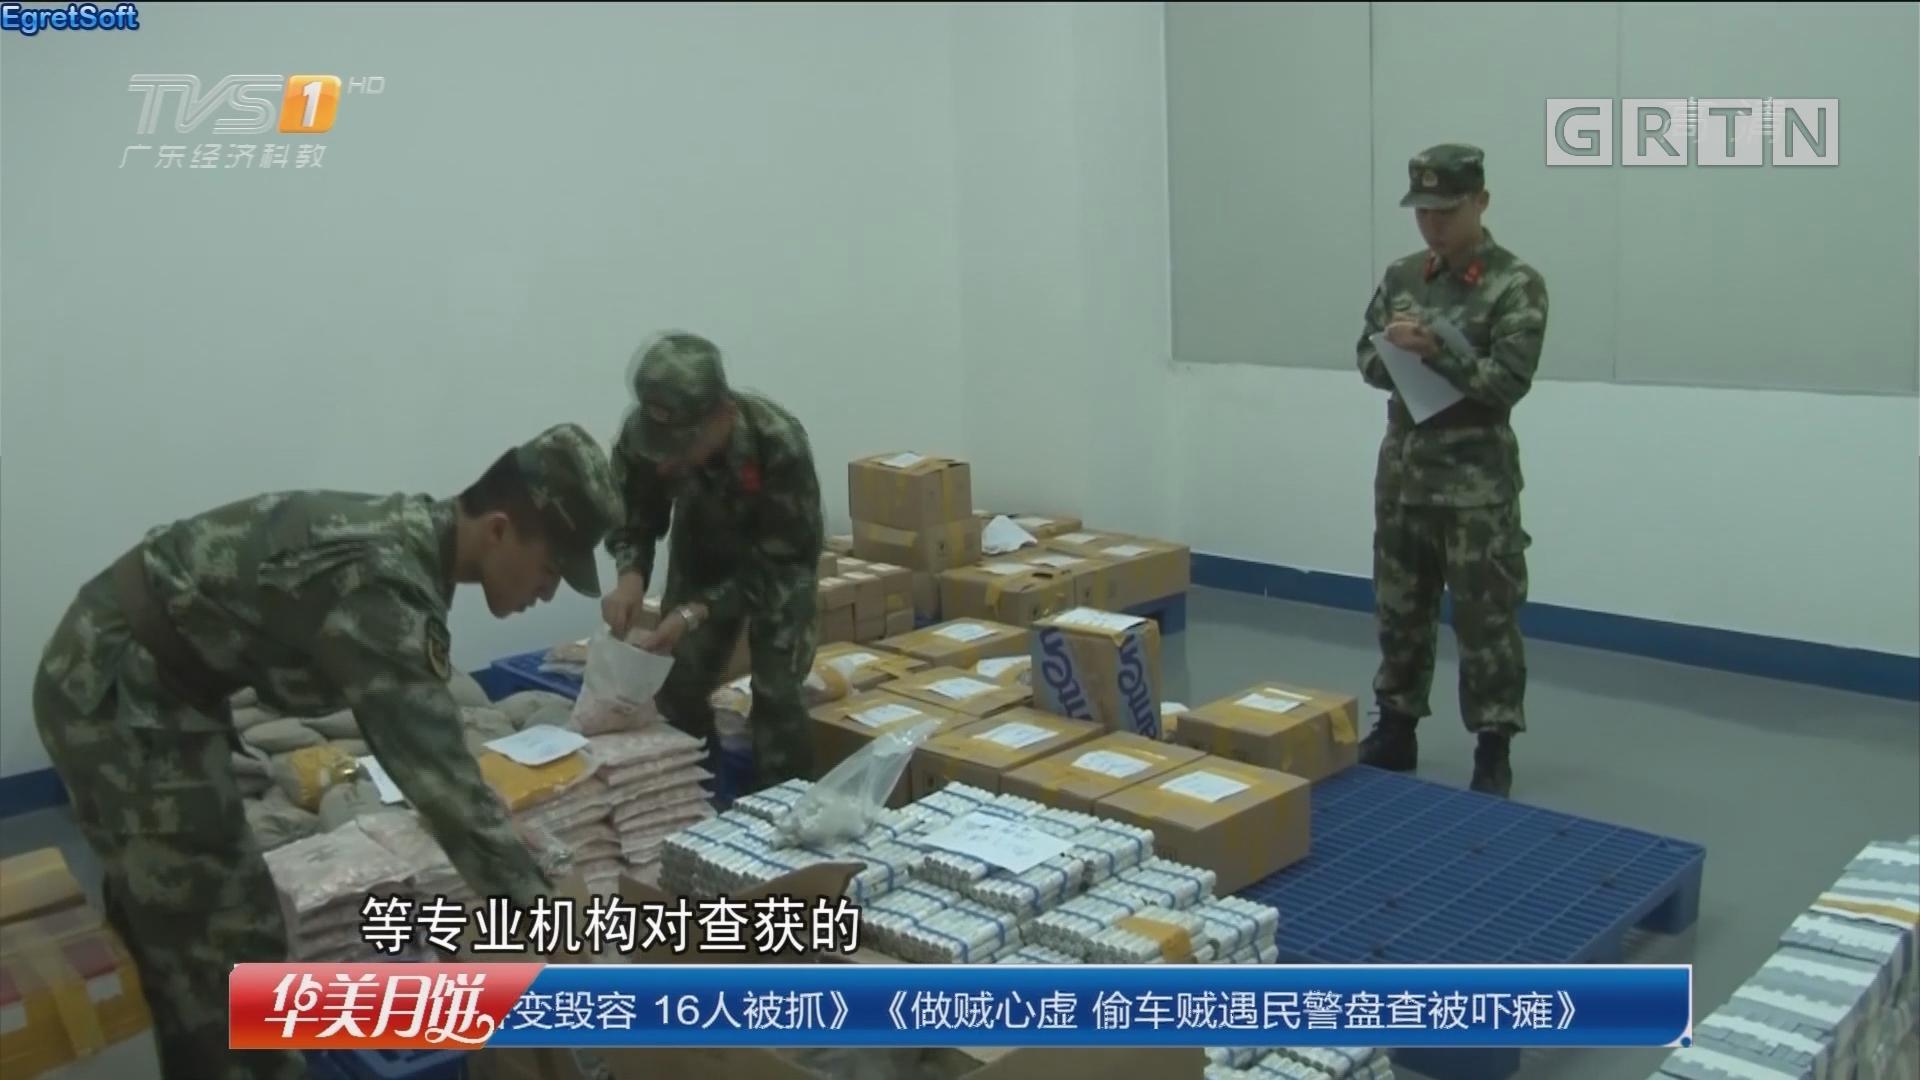 深圳:边防破特大外币走私案 缴四吨外币